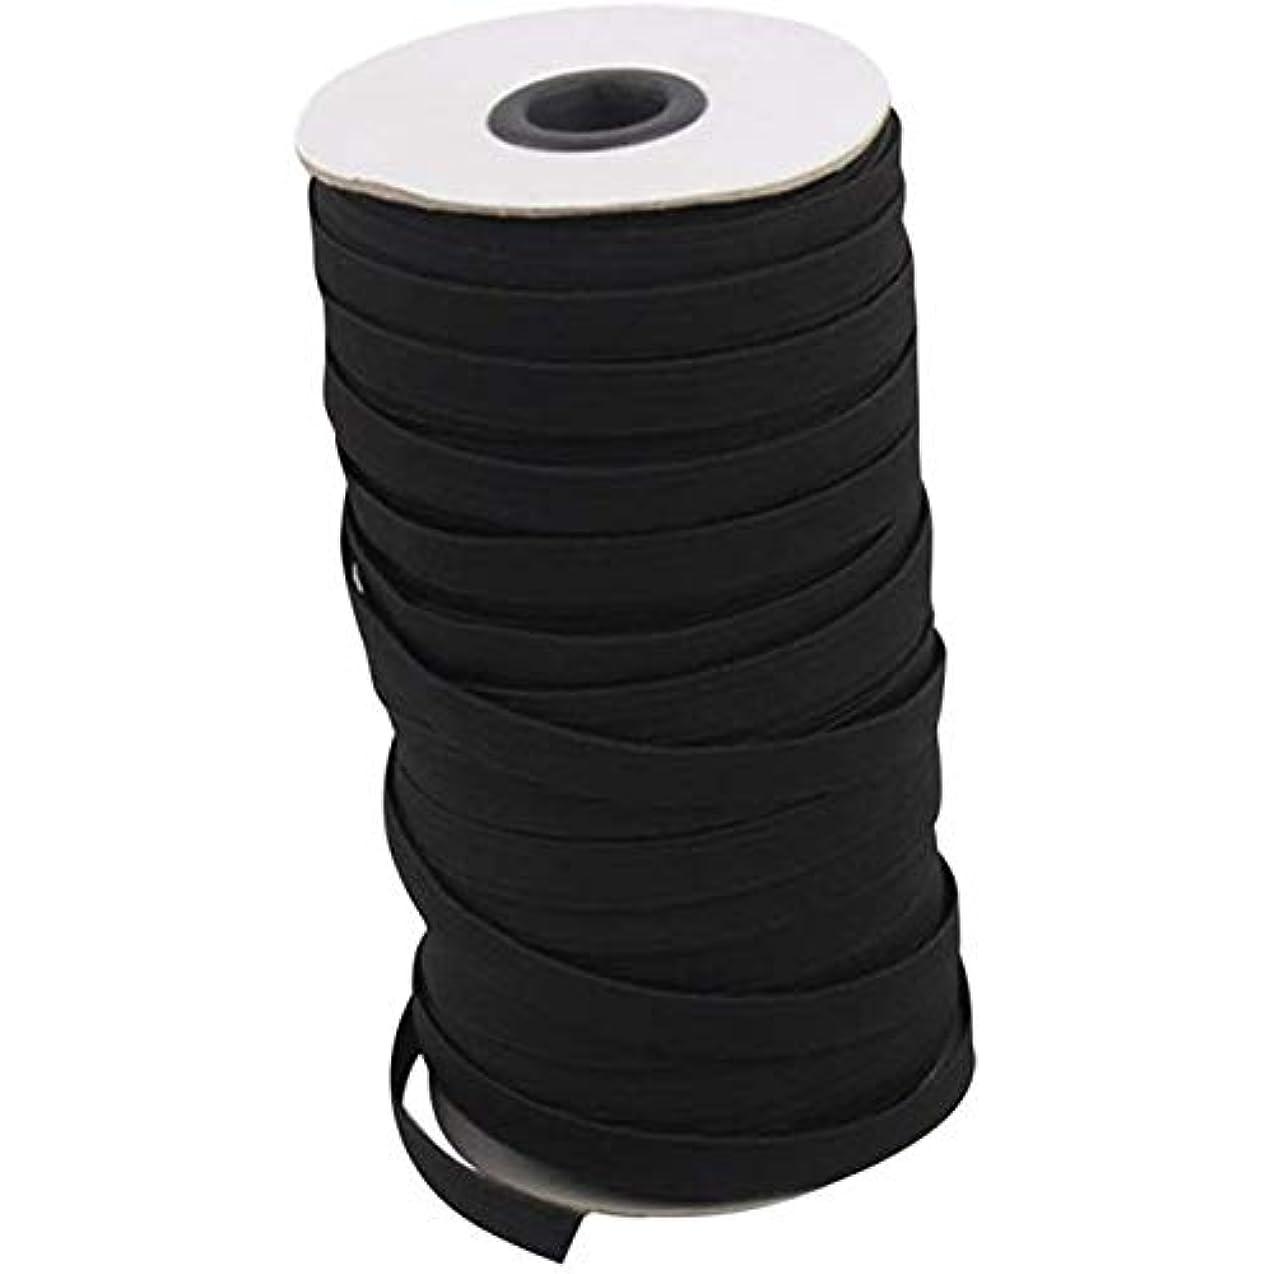 パンサーお嬢延期する70/100/160ヤード弾性バンド弾性ロープ3/6ミリメートルゴム弾性ひもバンド衣服裁縫アクセサリーホワイト弾性ロープ (Color : ブラック, Size : 70Yards(64M))